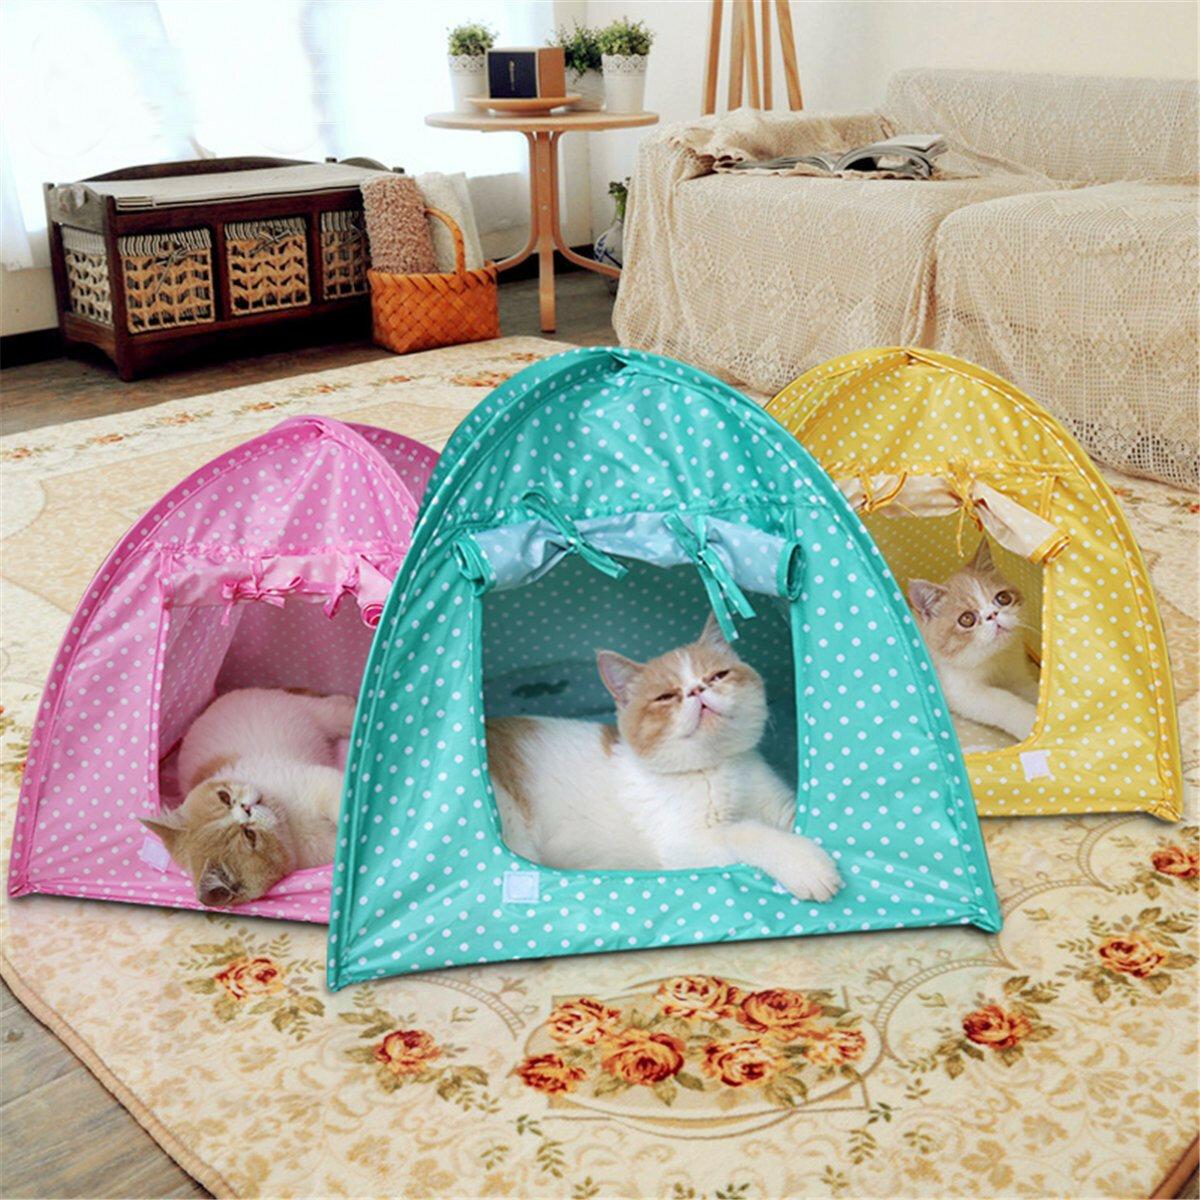 접이식 애완 동물 고양이 텐트 재생 침대 집 키티 캠프 방수 야외 개 개집